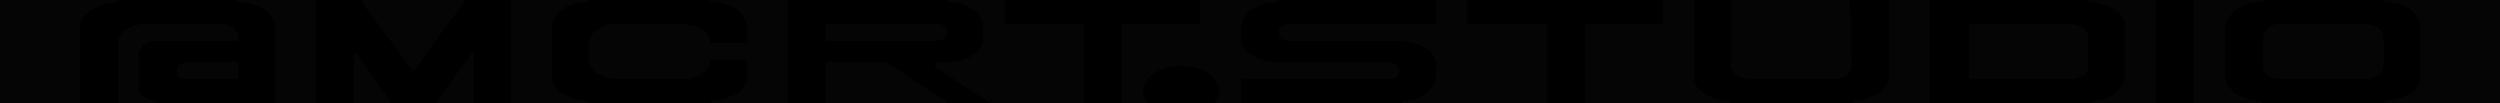 mcrt-logo.png